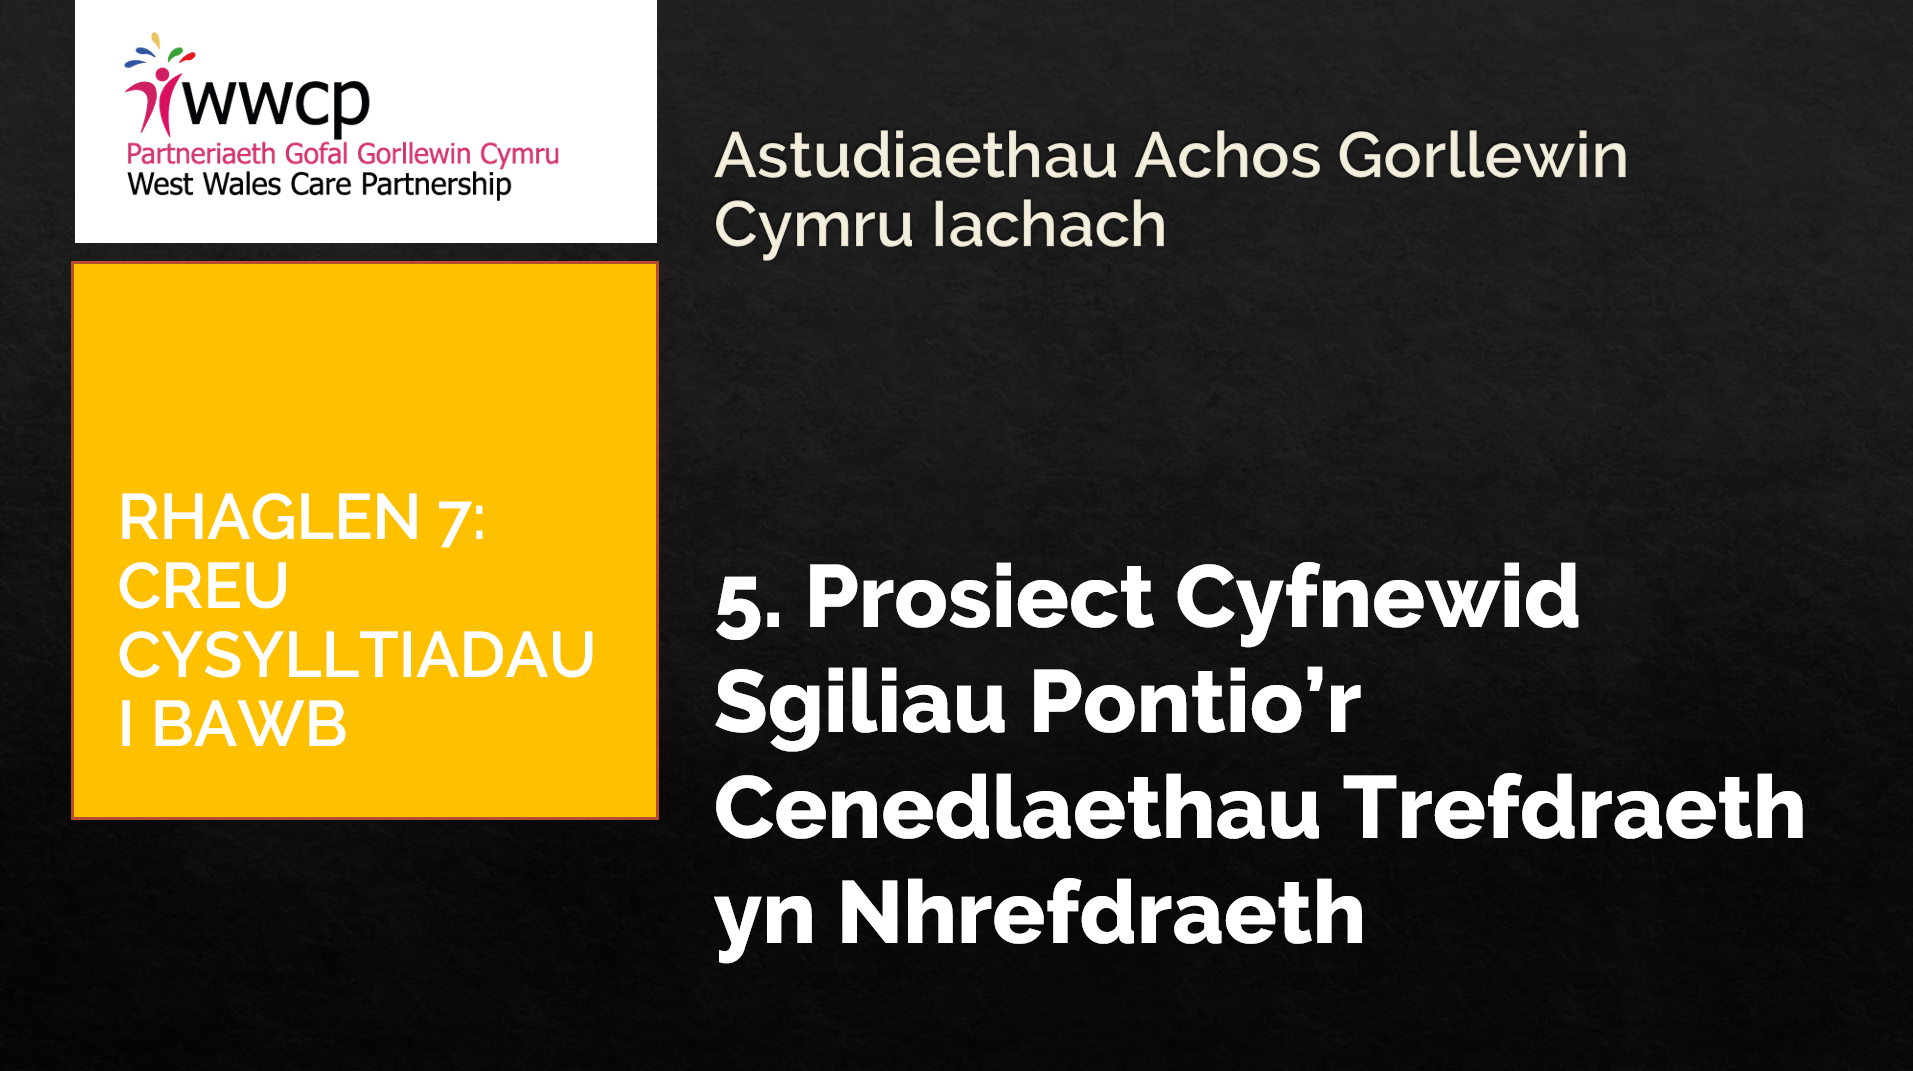 5 Prosiect Cyfnewid